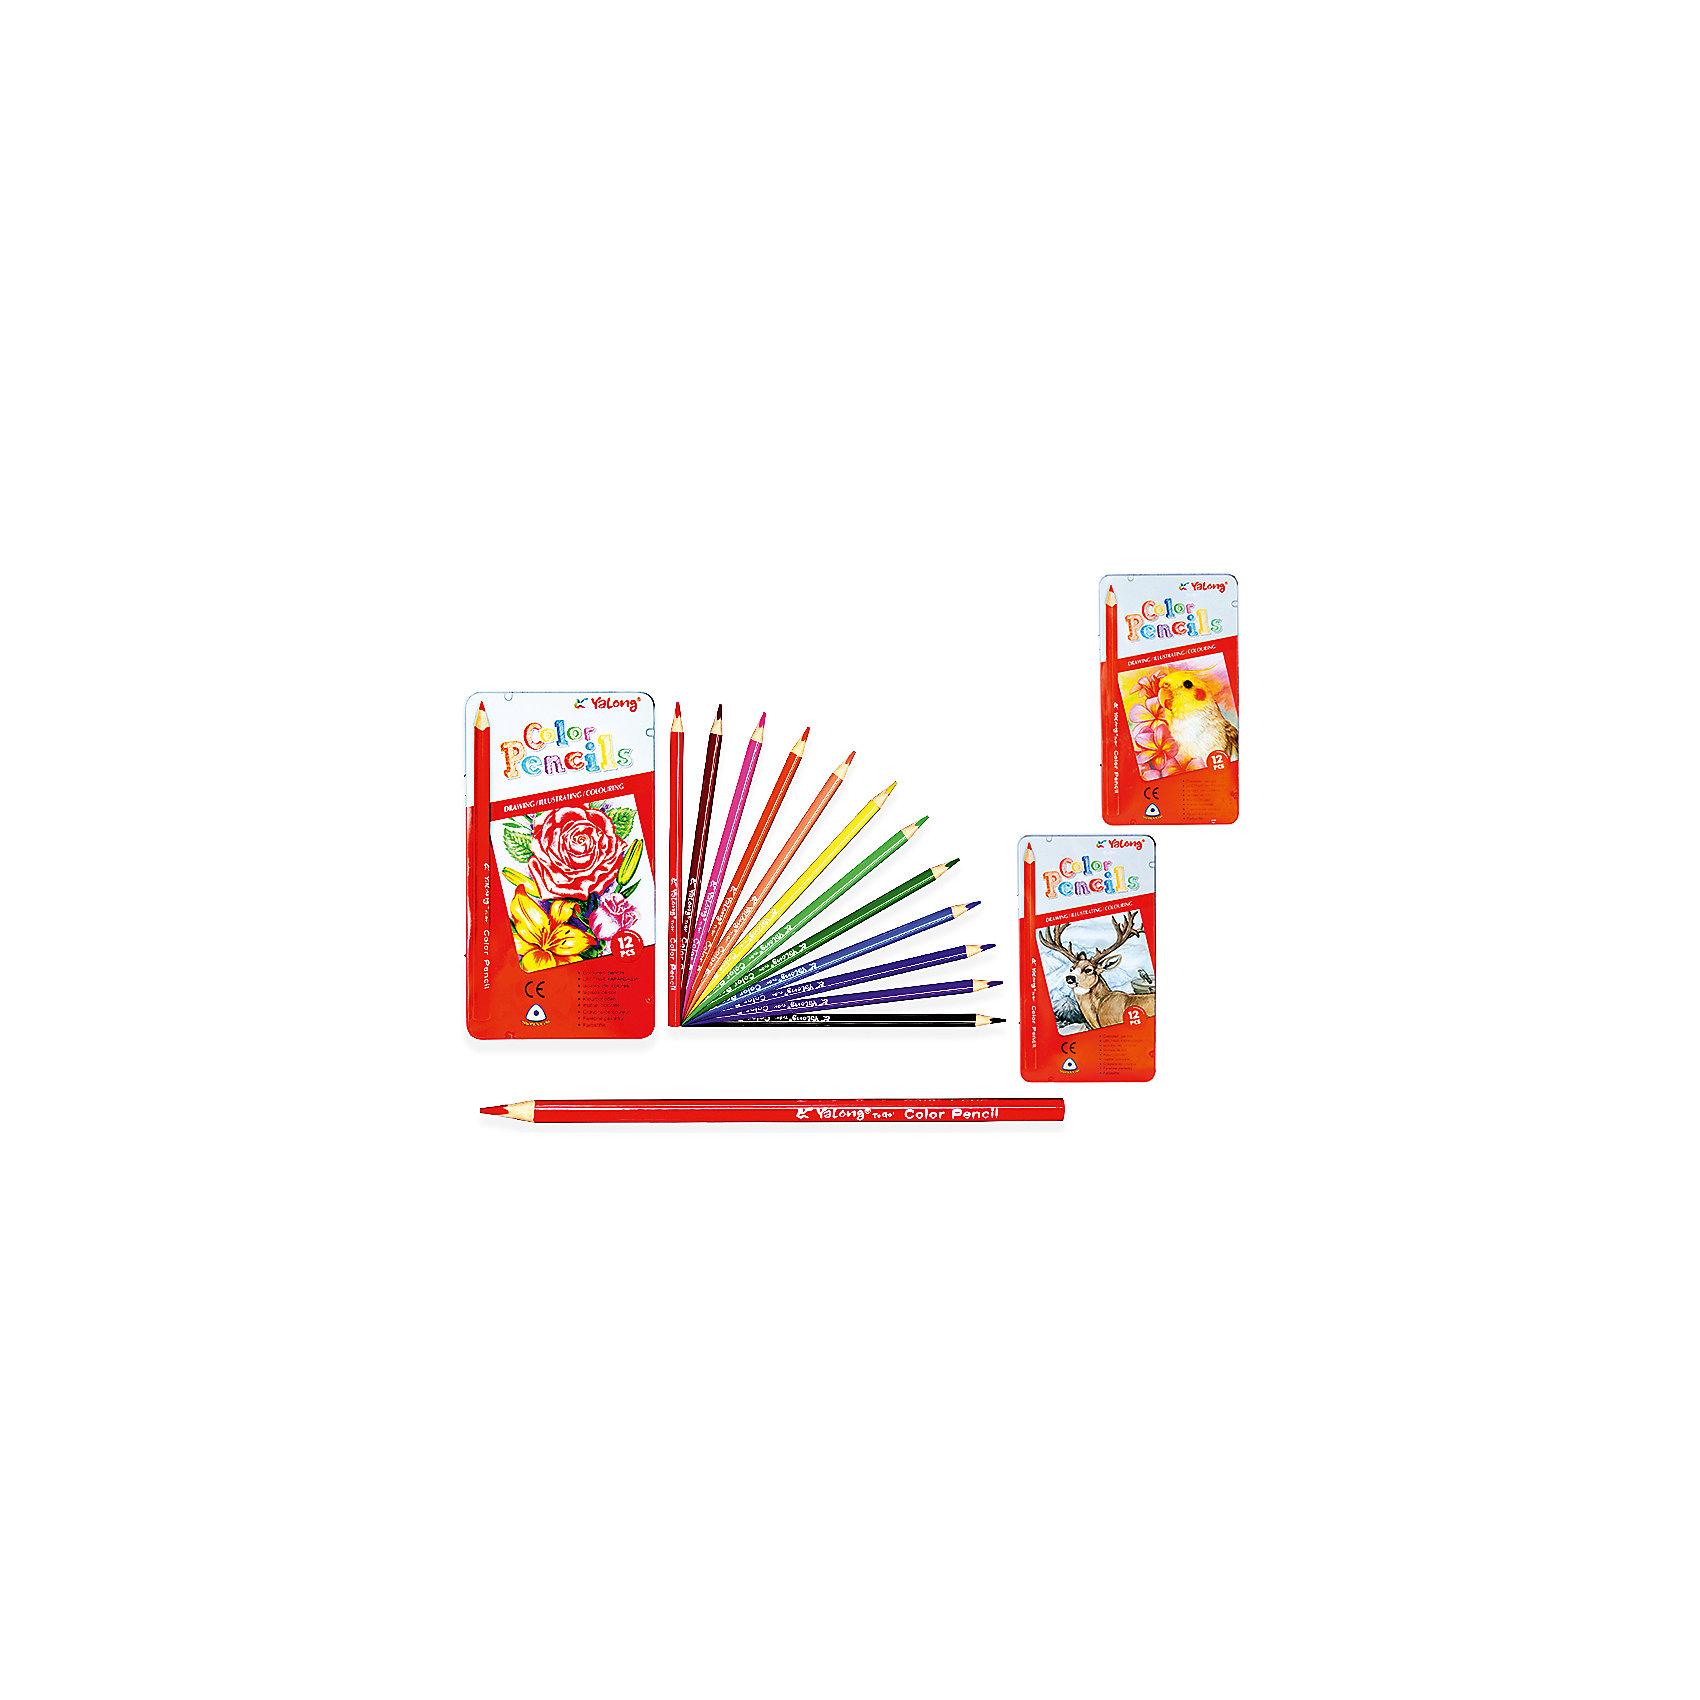 Трехгранные цветные карандаши, 12 цветов в металлическом кейсеНабор цветных карандашей – классический пункт в списке школьных покупок. Качественные карандаши прослужат ребенку не один год даже при активном использовании. Важно подобрать набор с яркими цветами, мягким, но прочным стержнем и грифелем с легкой растушевкой. Данная модель набора цветных карандашей – отличный выбор для обновки школьного пенала. Карандаши имеют трехгранный корпус, что выглядит довольно необычно. Все материалы, использованные при изготовлении, отвечают международным требованиям по качеству и безопасности.<br><br>Дополнительная информация: <br>количество цветов: 12 шт;<br><br>Набор цветных карандашей можно приобрести в нашем магазине.<br><br>Ширина мм: 100<br>Глубина мм: 100<br>Высота мм: 10<br>Вес г: 50<br>Возраст от месяцев: 36<br>Возраст до месяцев: 120<br>Пол: Унисекс<br>Возраст: Детский<br>SKU: 4993554